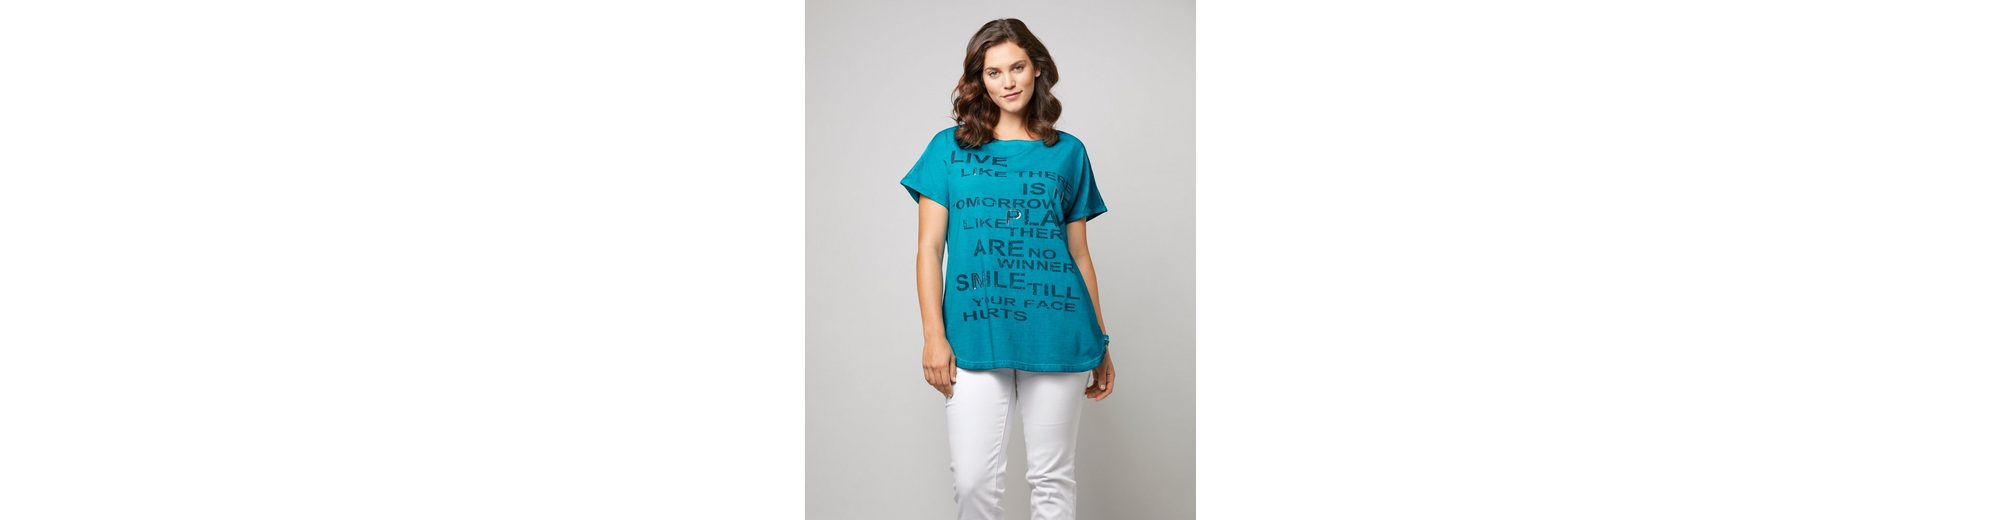 Happy By Size Mit Statementprint Wash Shirt Joyce Oil Und Janet SqU6wx4q